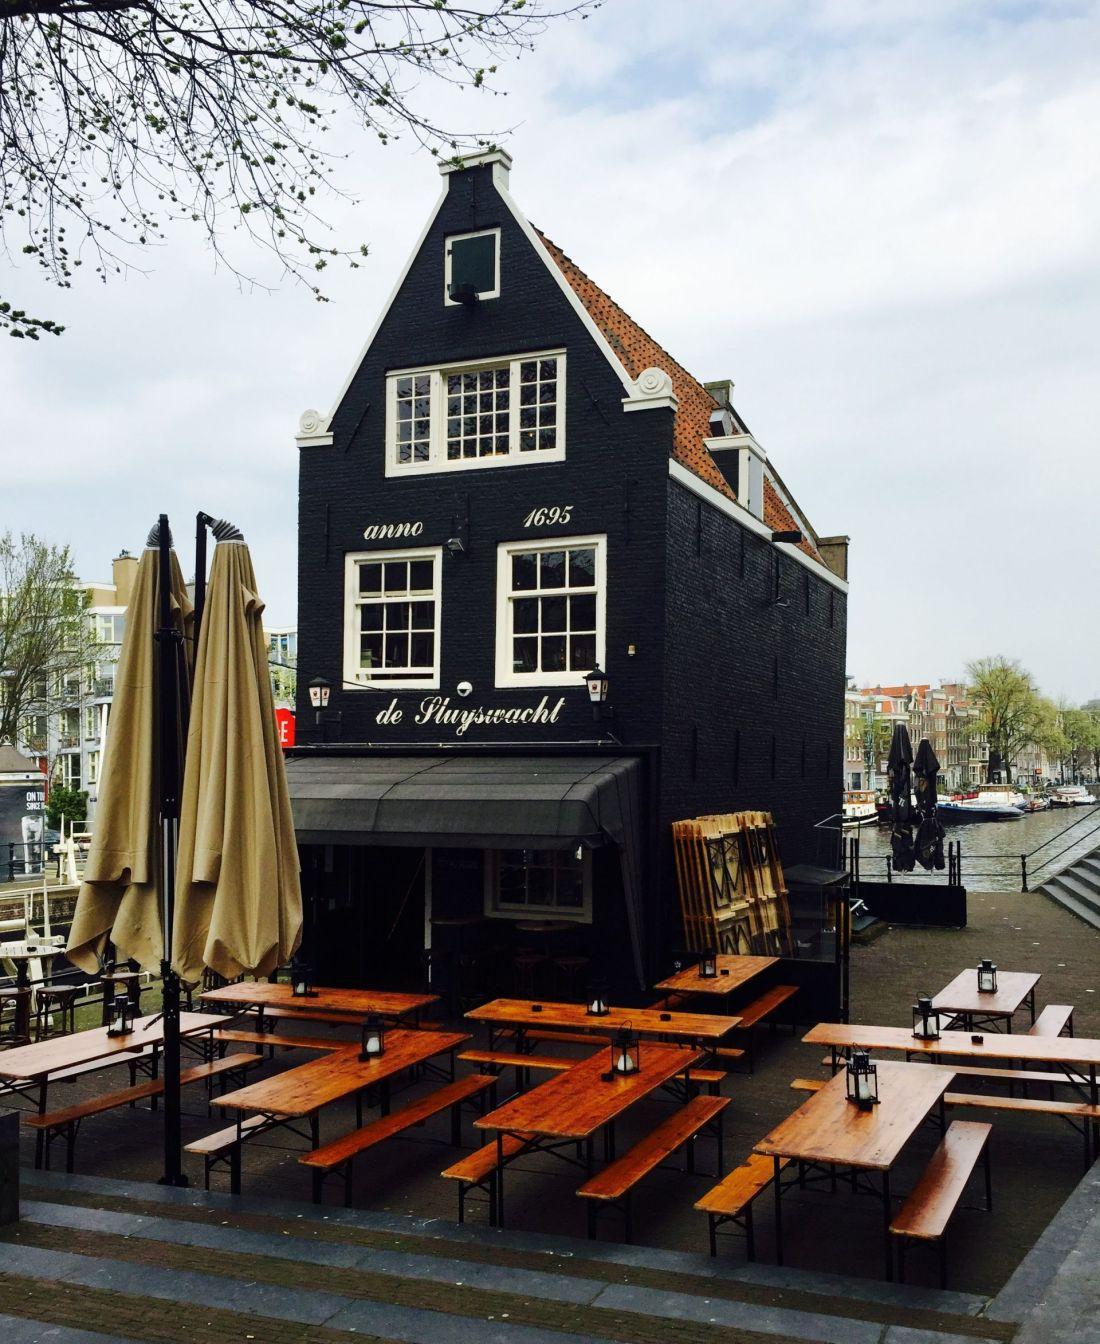 Sluyswacht, Amsterdam